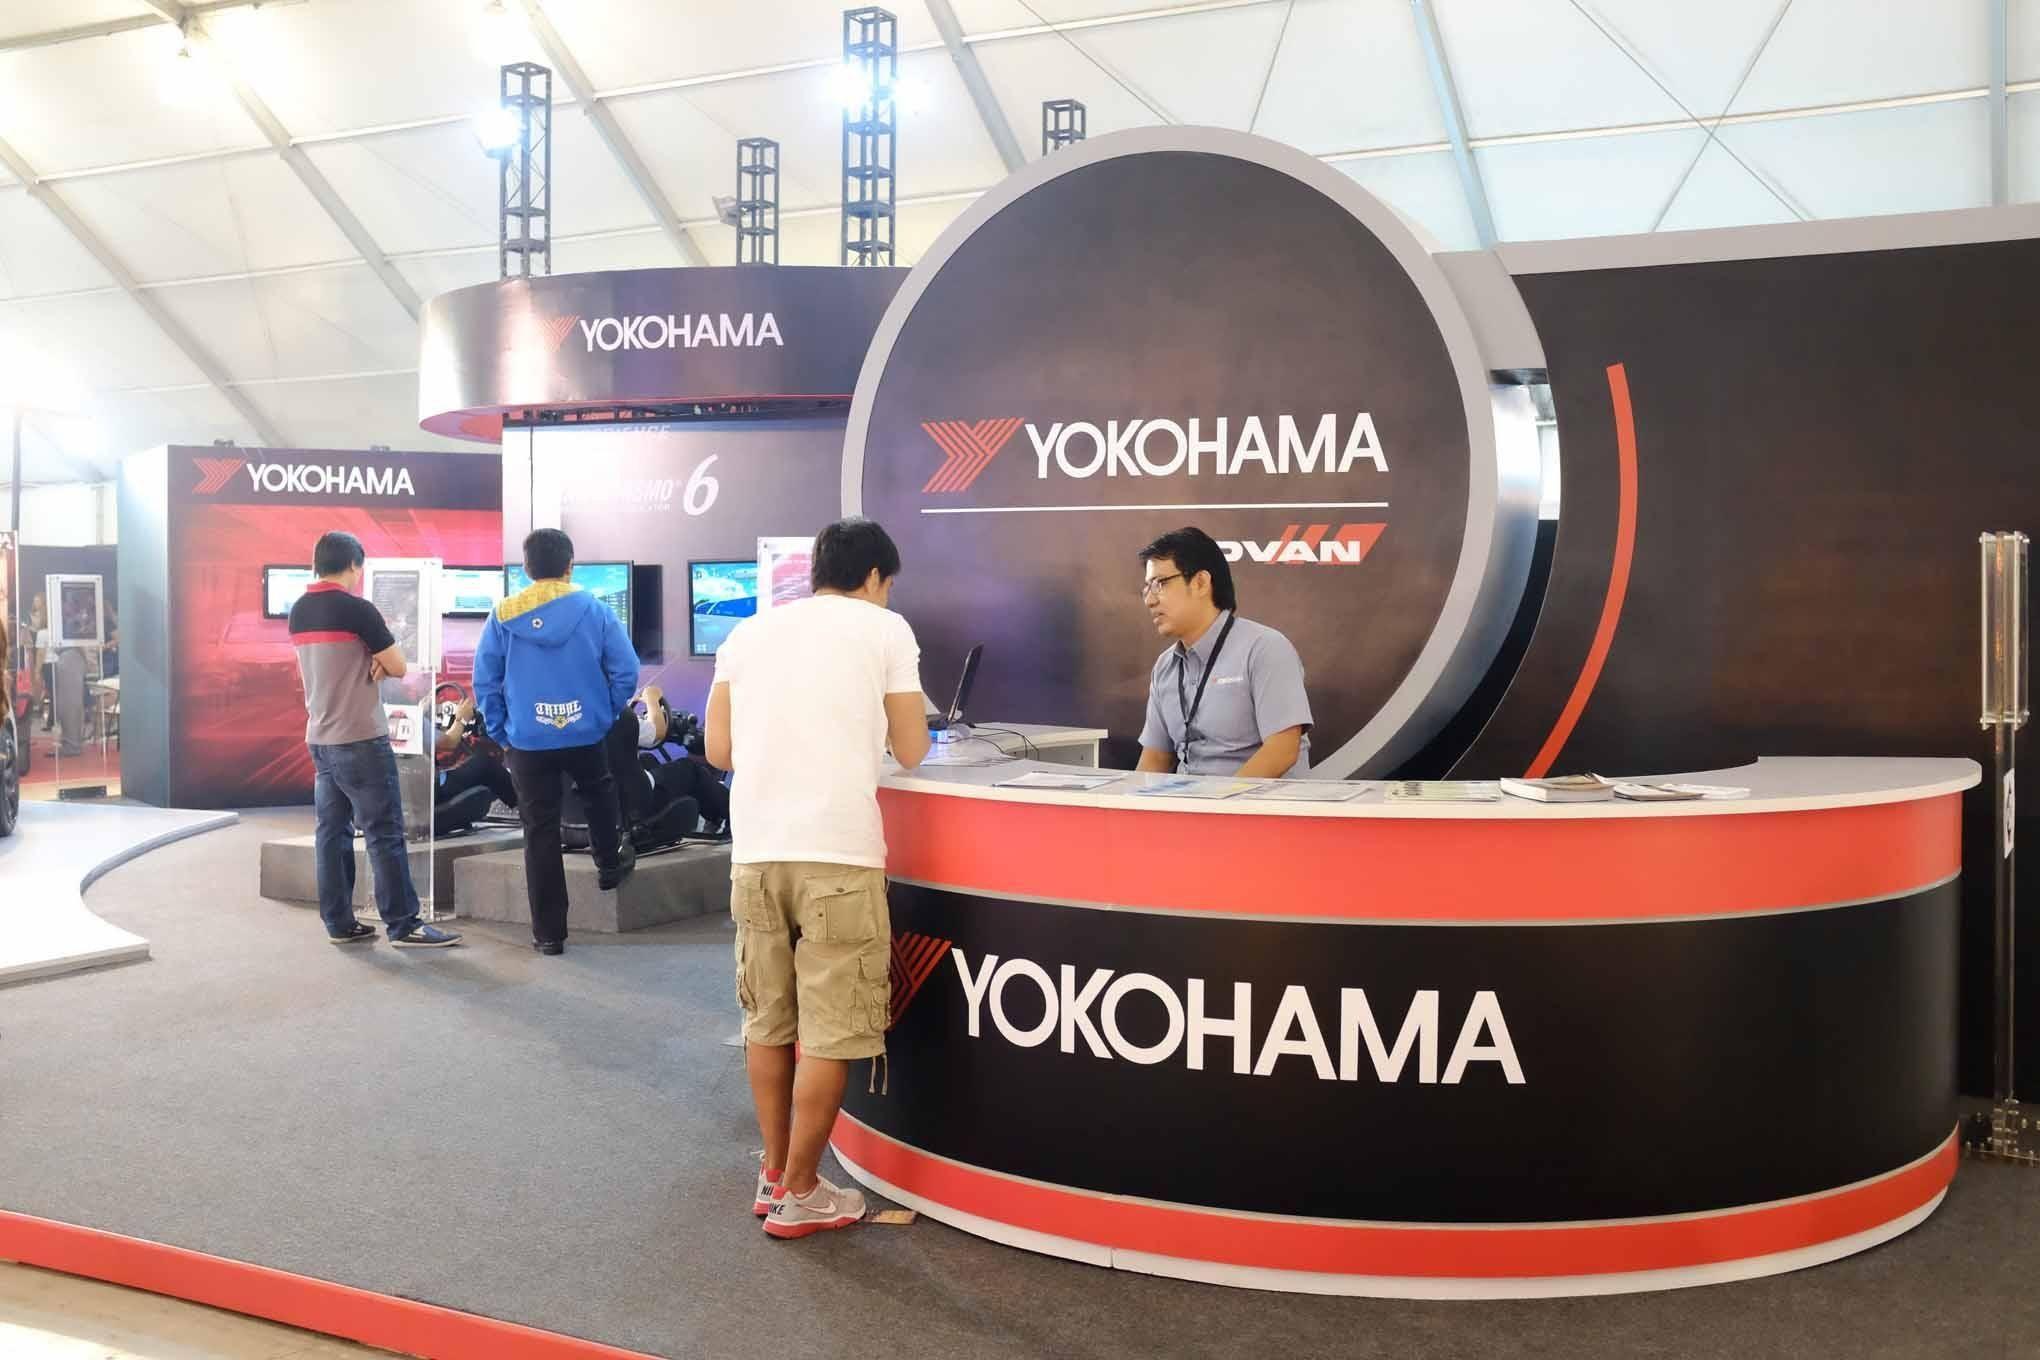 Прибыль компании Yokohama по итогам 9 месяцев снизилась на 53,5 процента